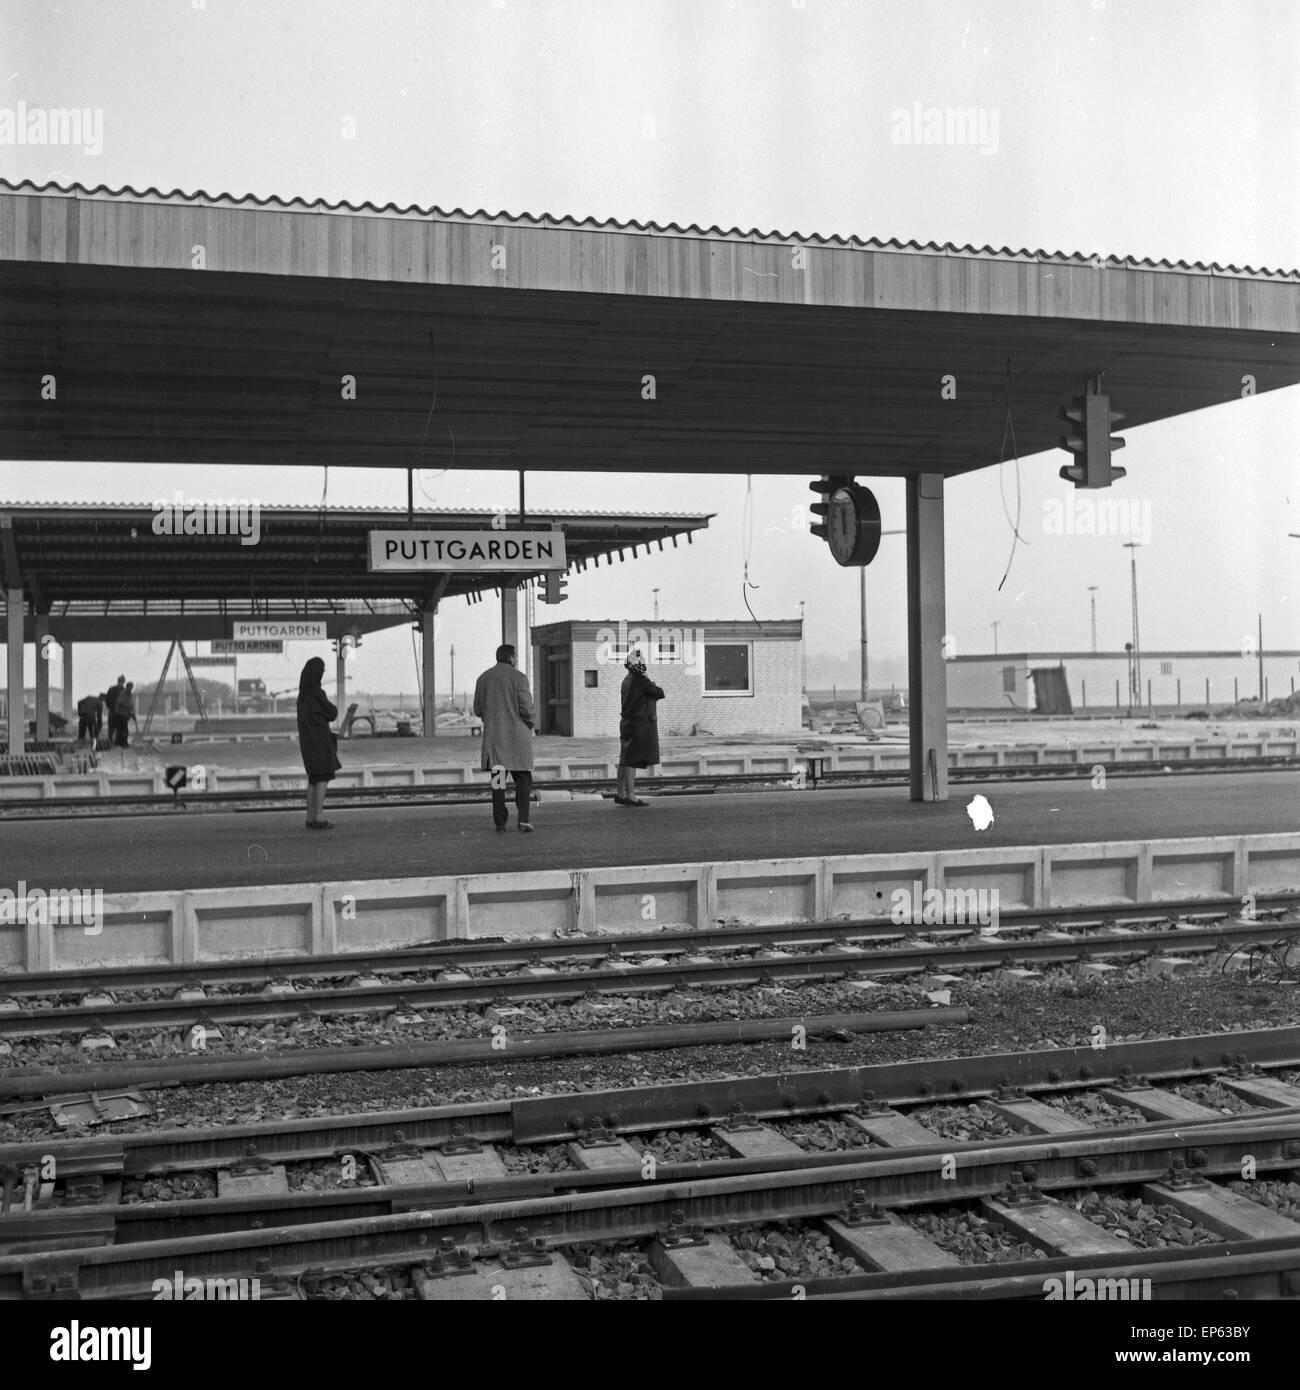 Menschen auf dem Bahnsteig am Bahnhof von Puttgarden auf der Insel Fehmarn, Deutschland 1960er Jahre. People on - Stock Image